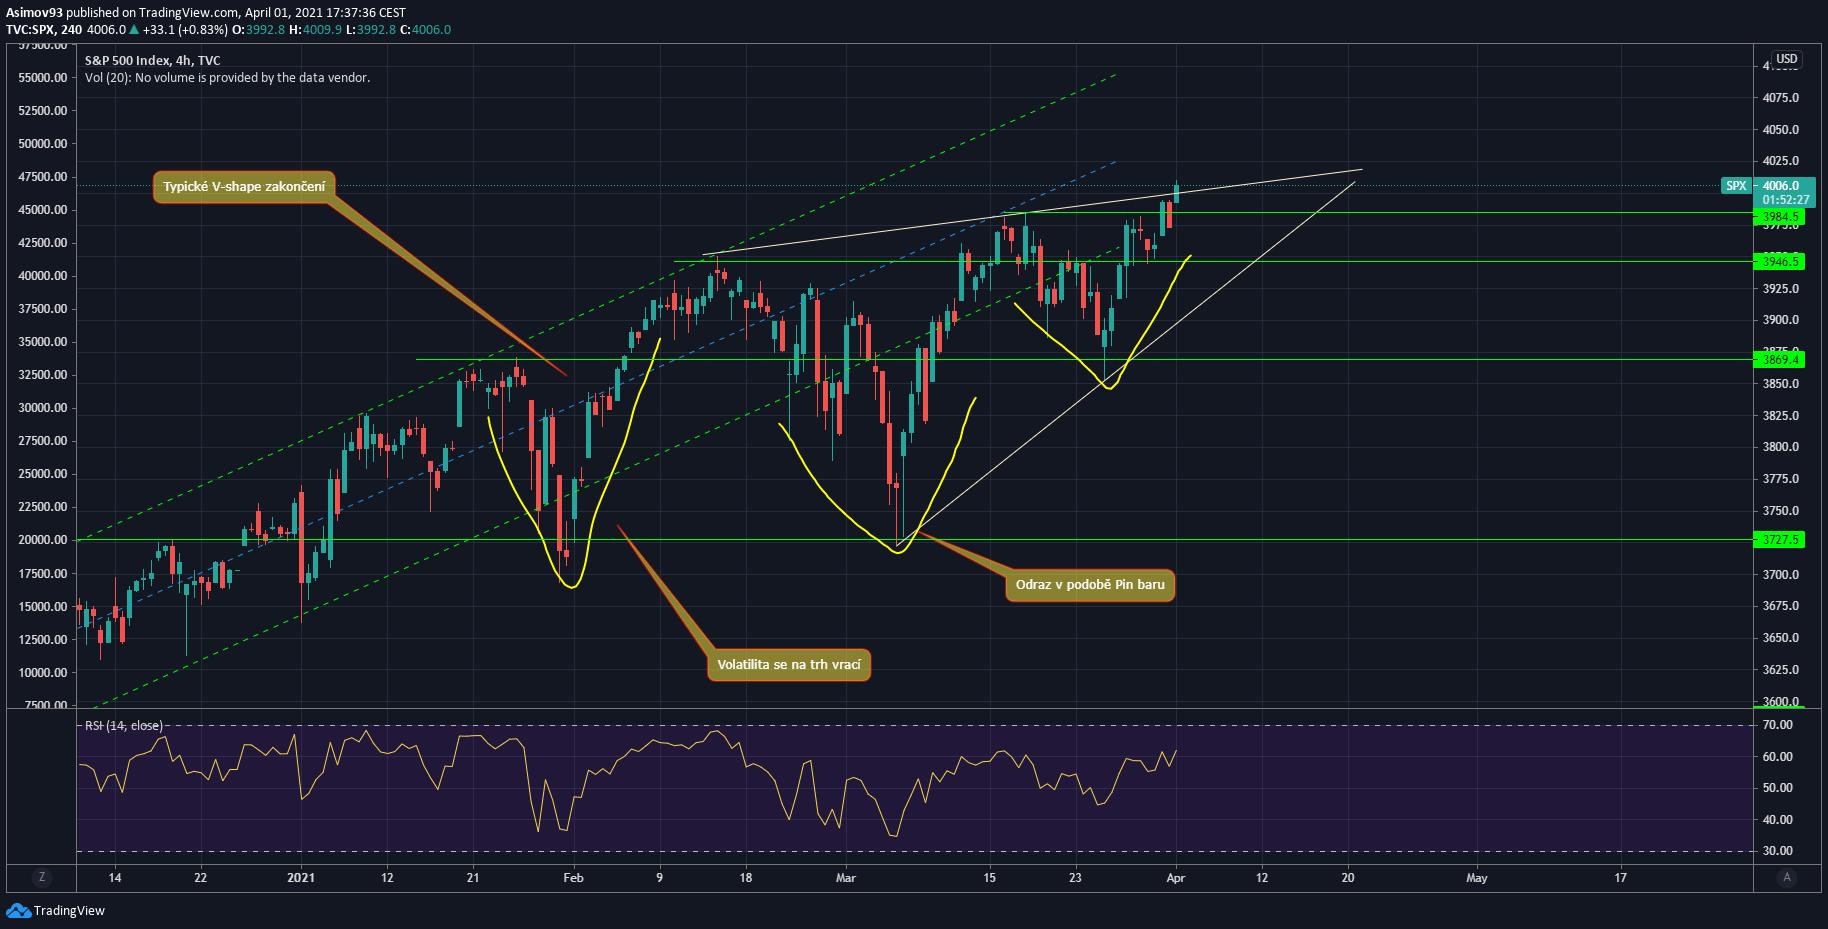 Nasdaq, ANALÝZA – Rychlé oživení na S&P 500 a Nasdaq?, TRADING11